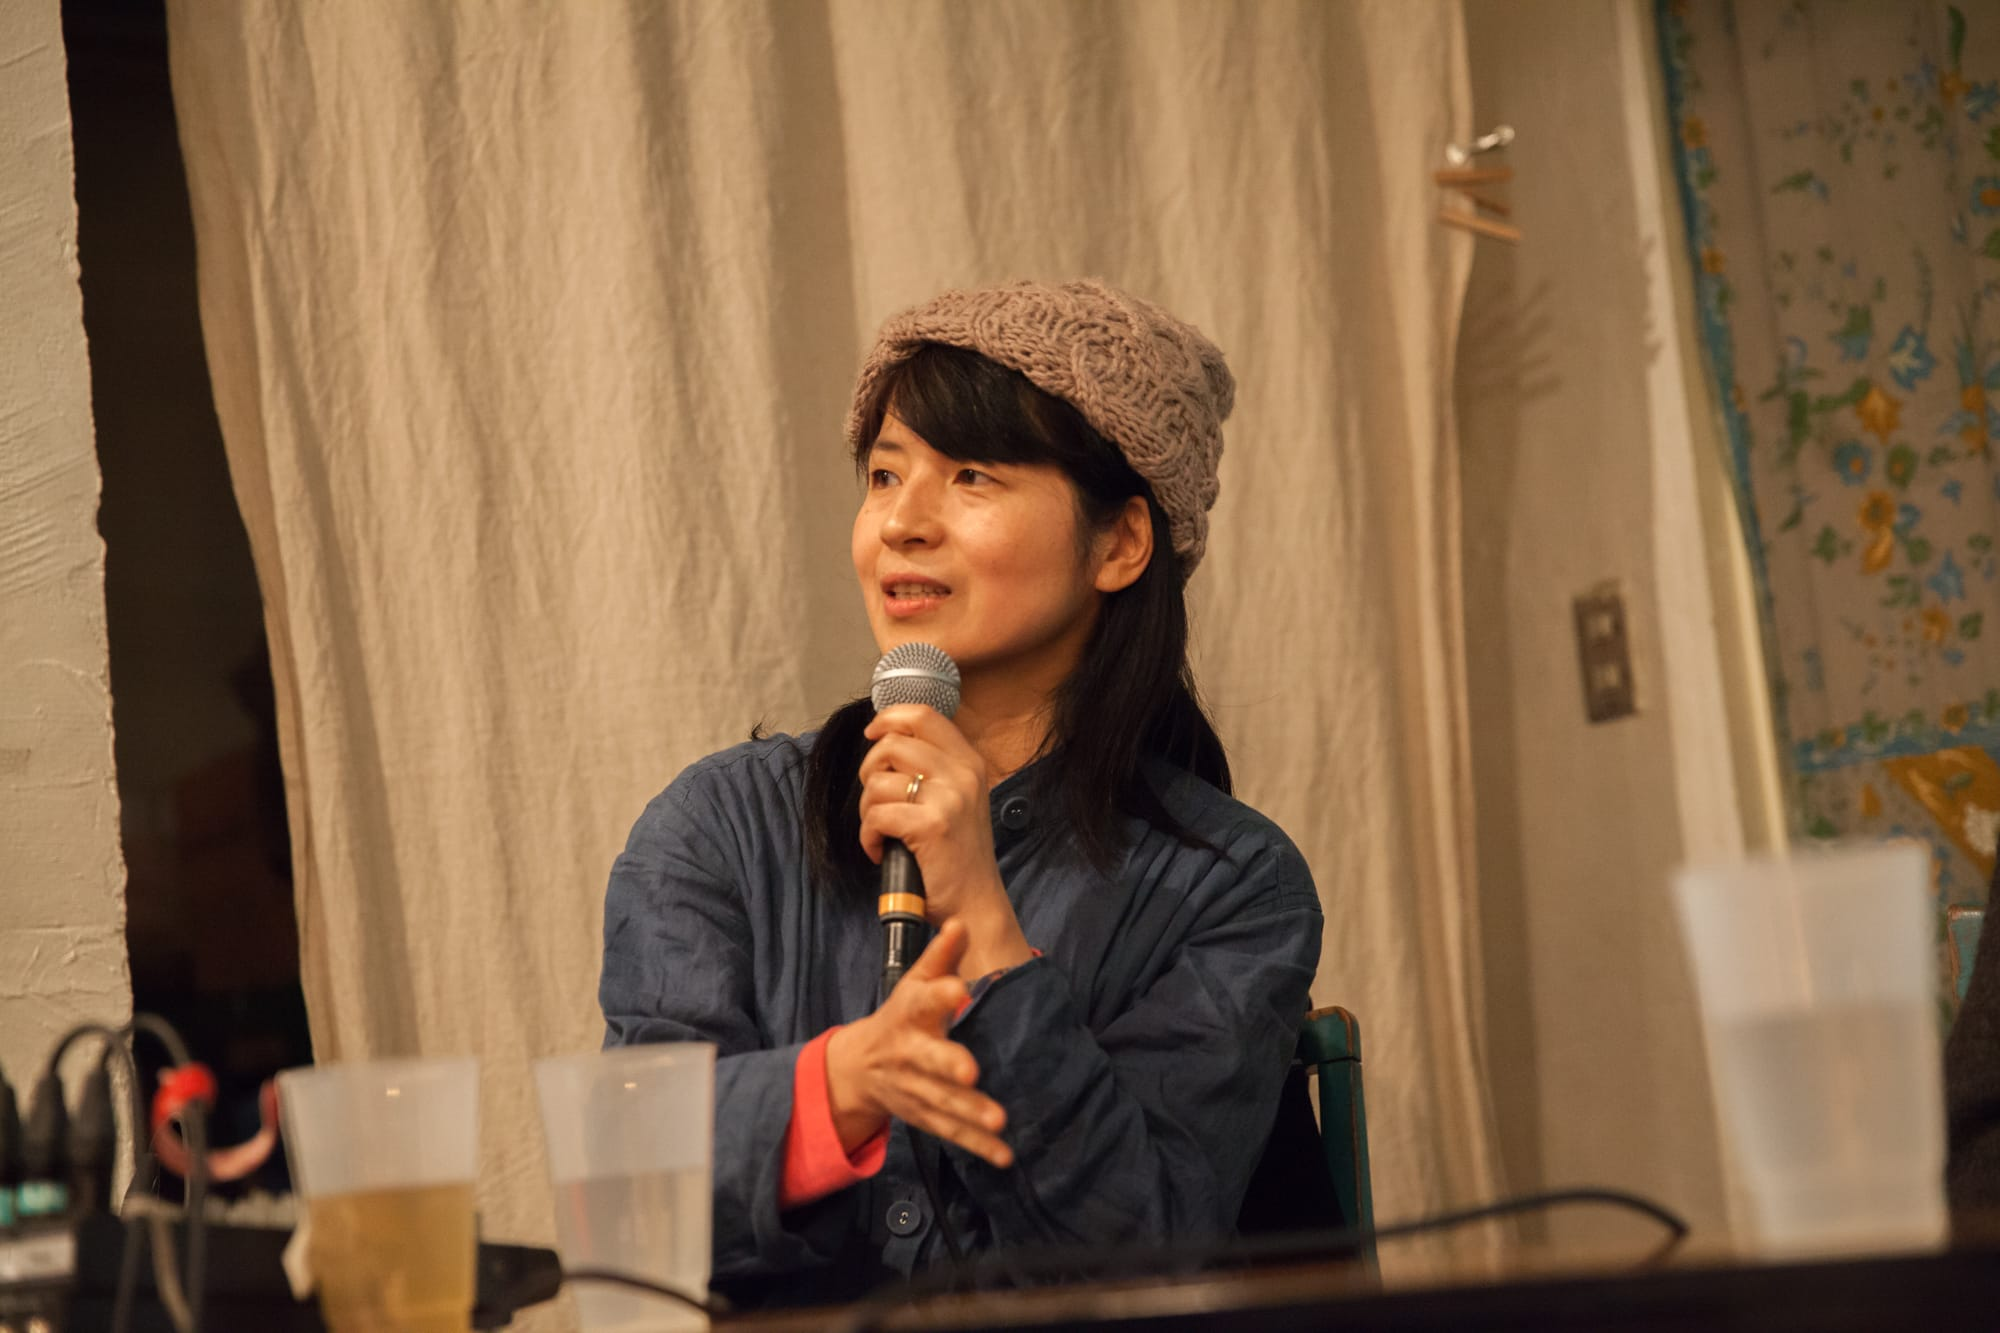 料理家の奥津典子さん。マクロビオティックを軸に〈気候風土と体質に合わせた食事〉〈家庭の台所哲学〉を提案。2003年より、夫の奥津爾さんと「オーガニックベース」を主宰。2013年に長崎県雲仙市に移住。